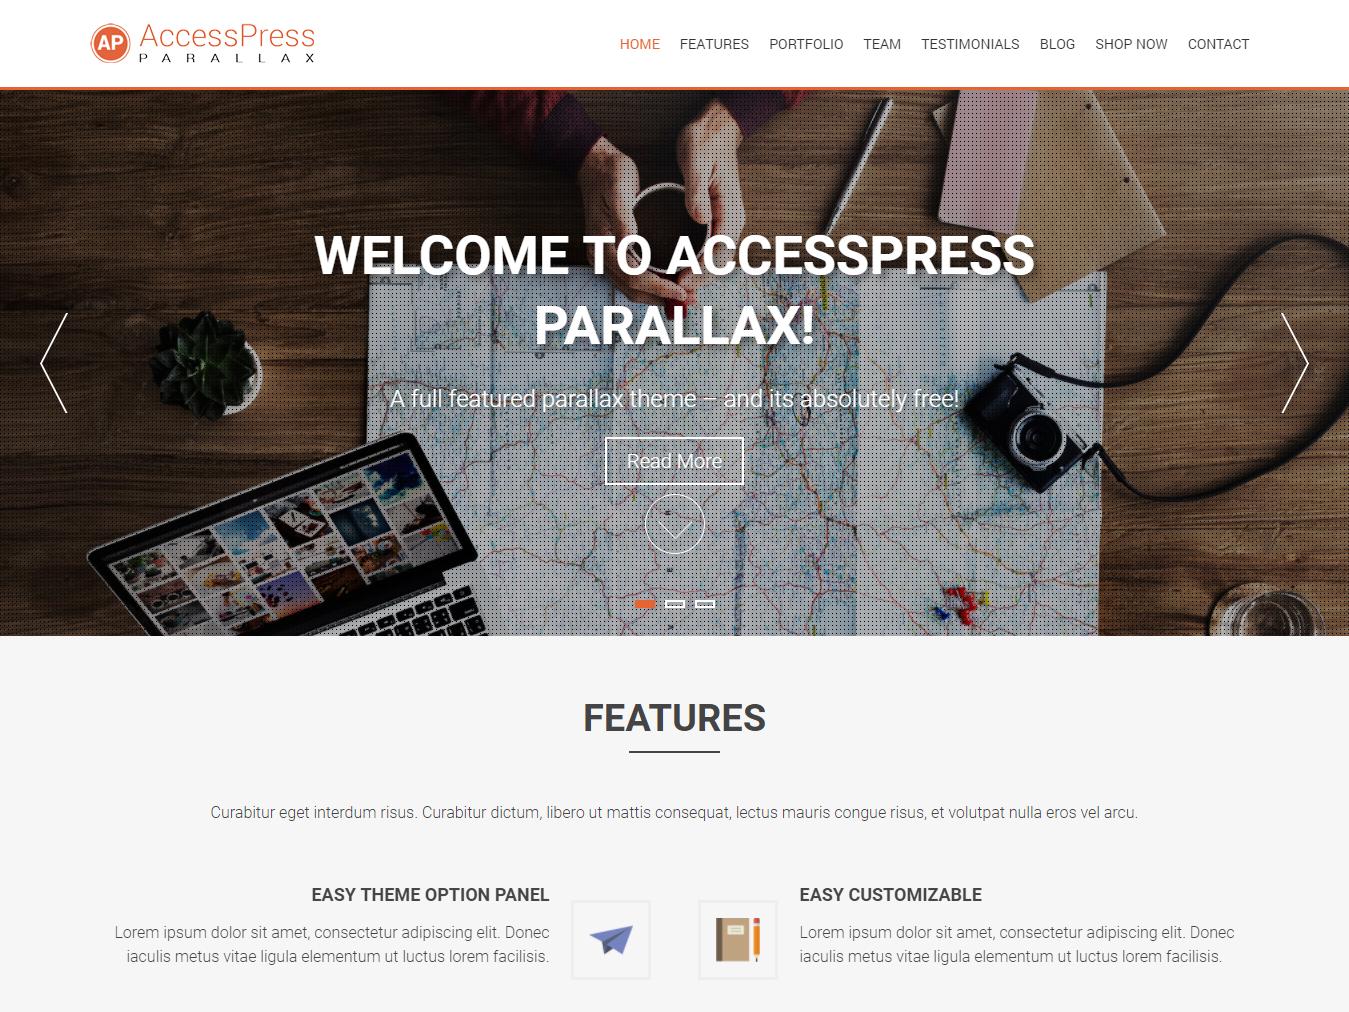 https://themes.svn.wordpress.org/accesspress-parallax/1.51/screenshot.png